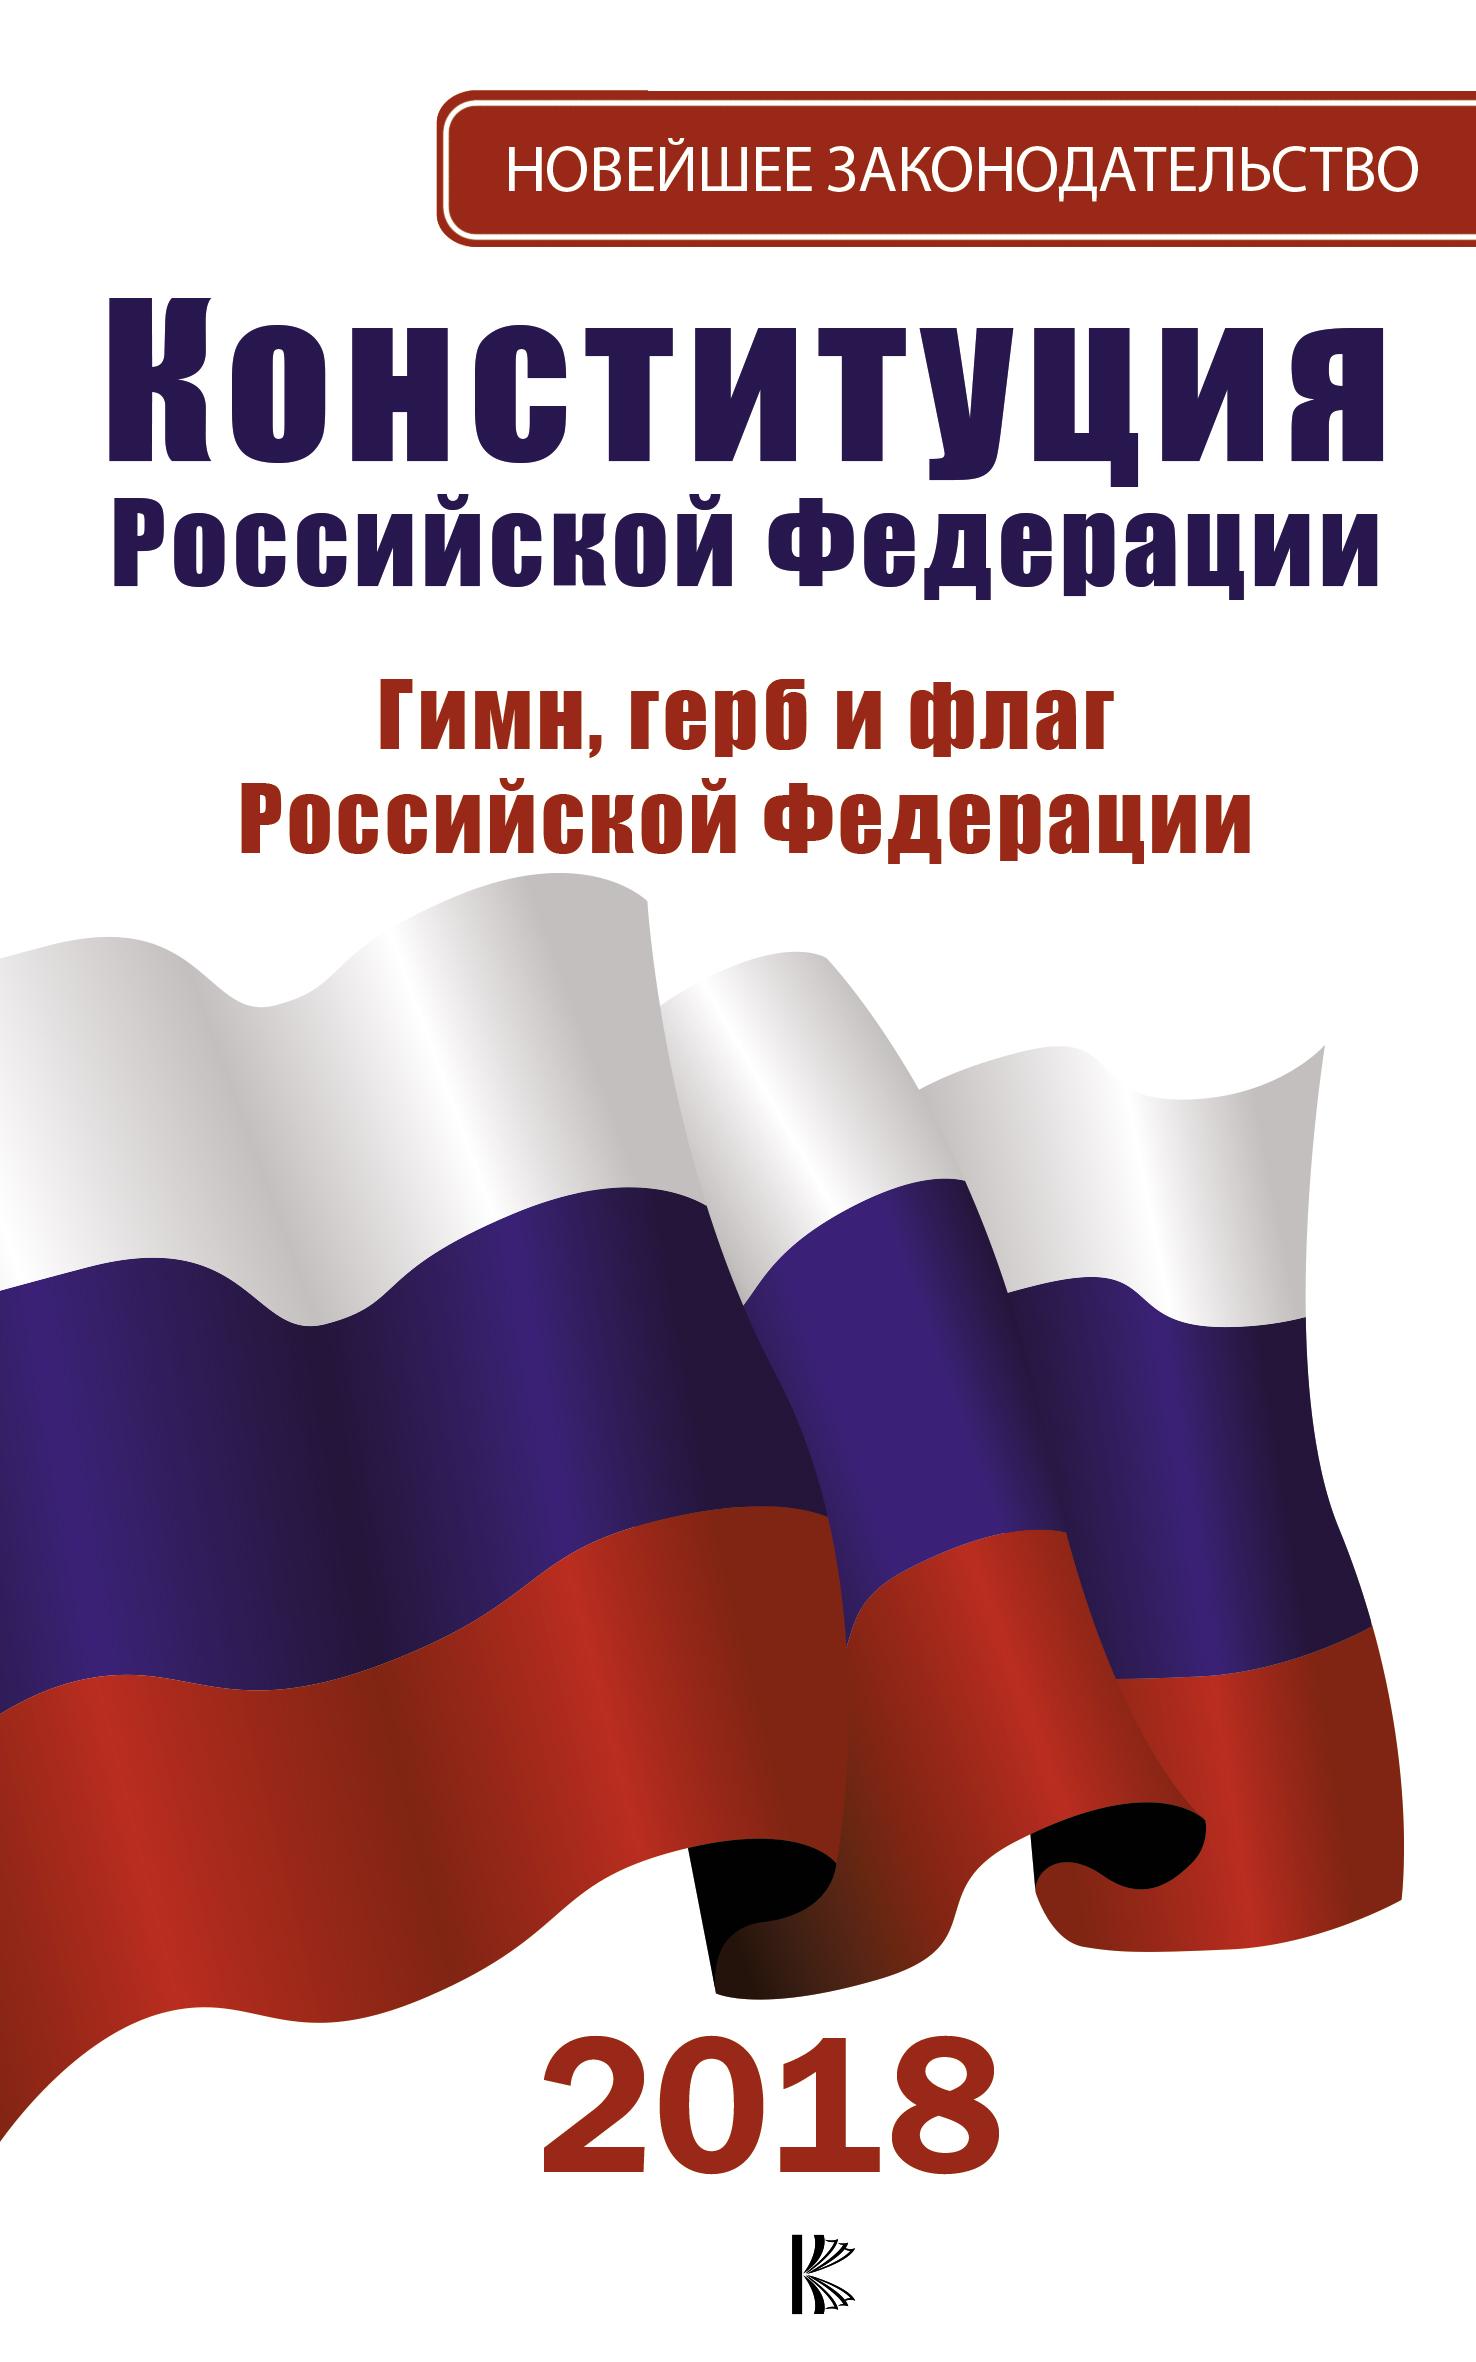 Конституция Российской Федерации на 2018 год. Герб. Гимн. Флаг